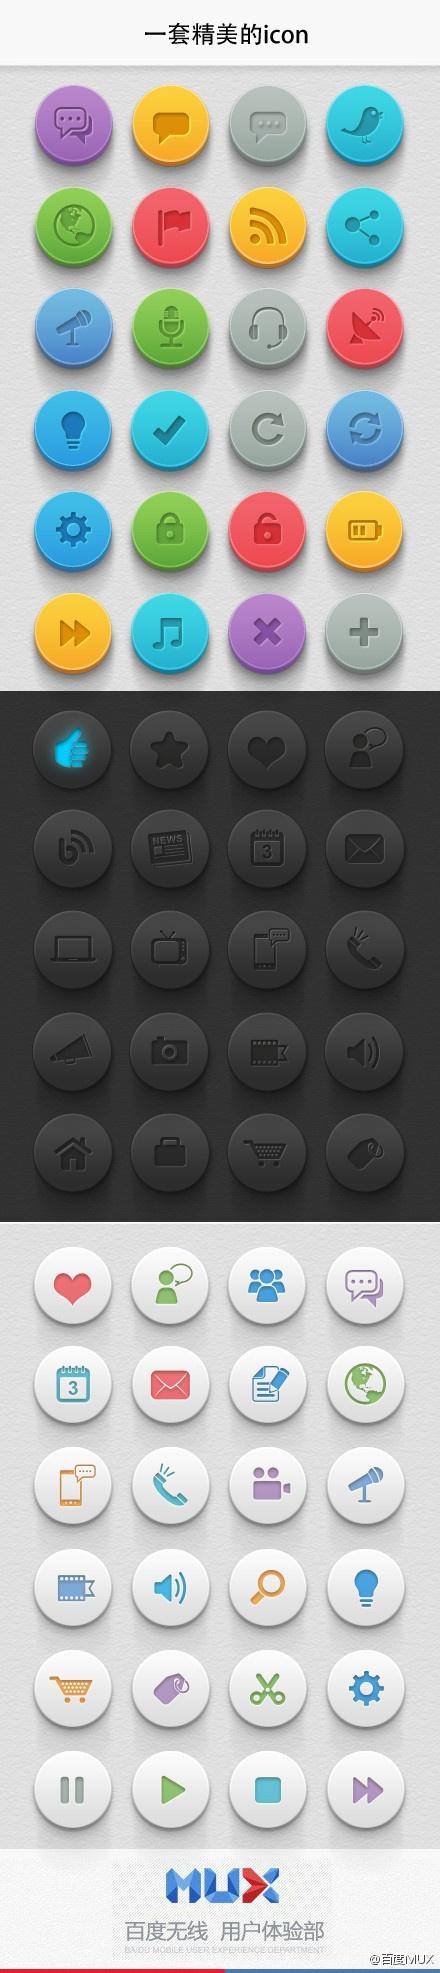 质感圆形icon